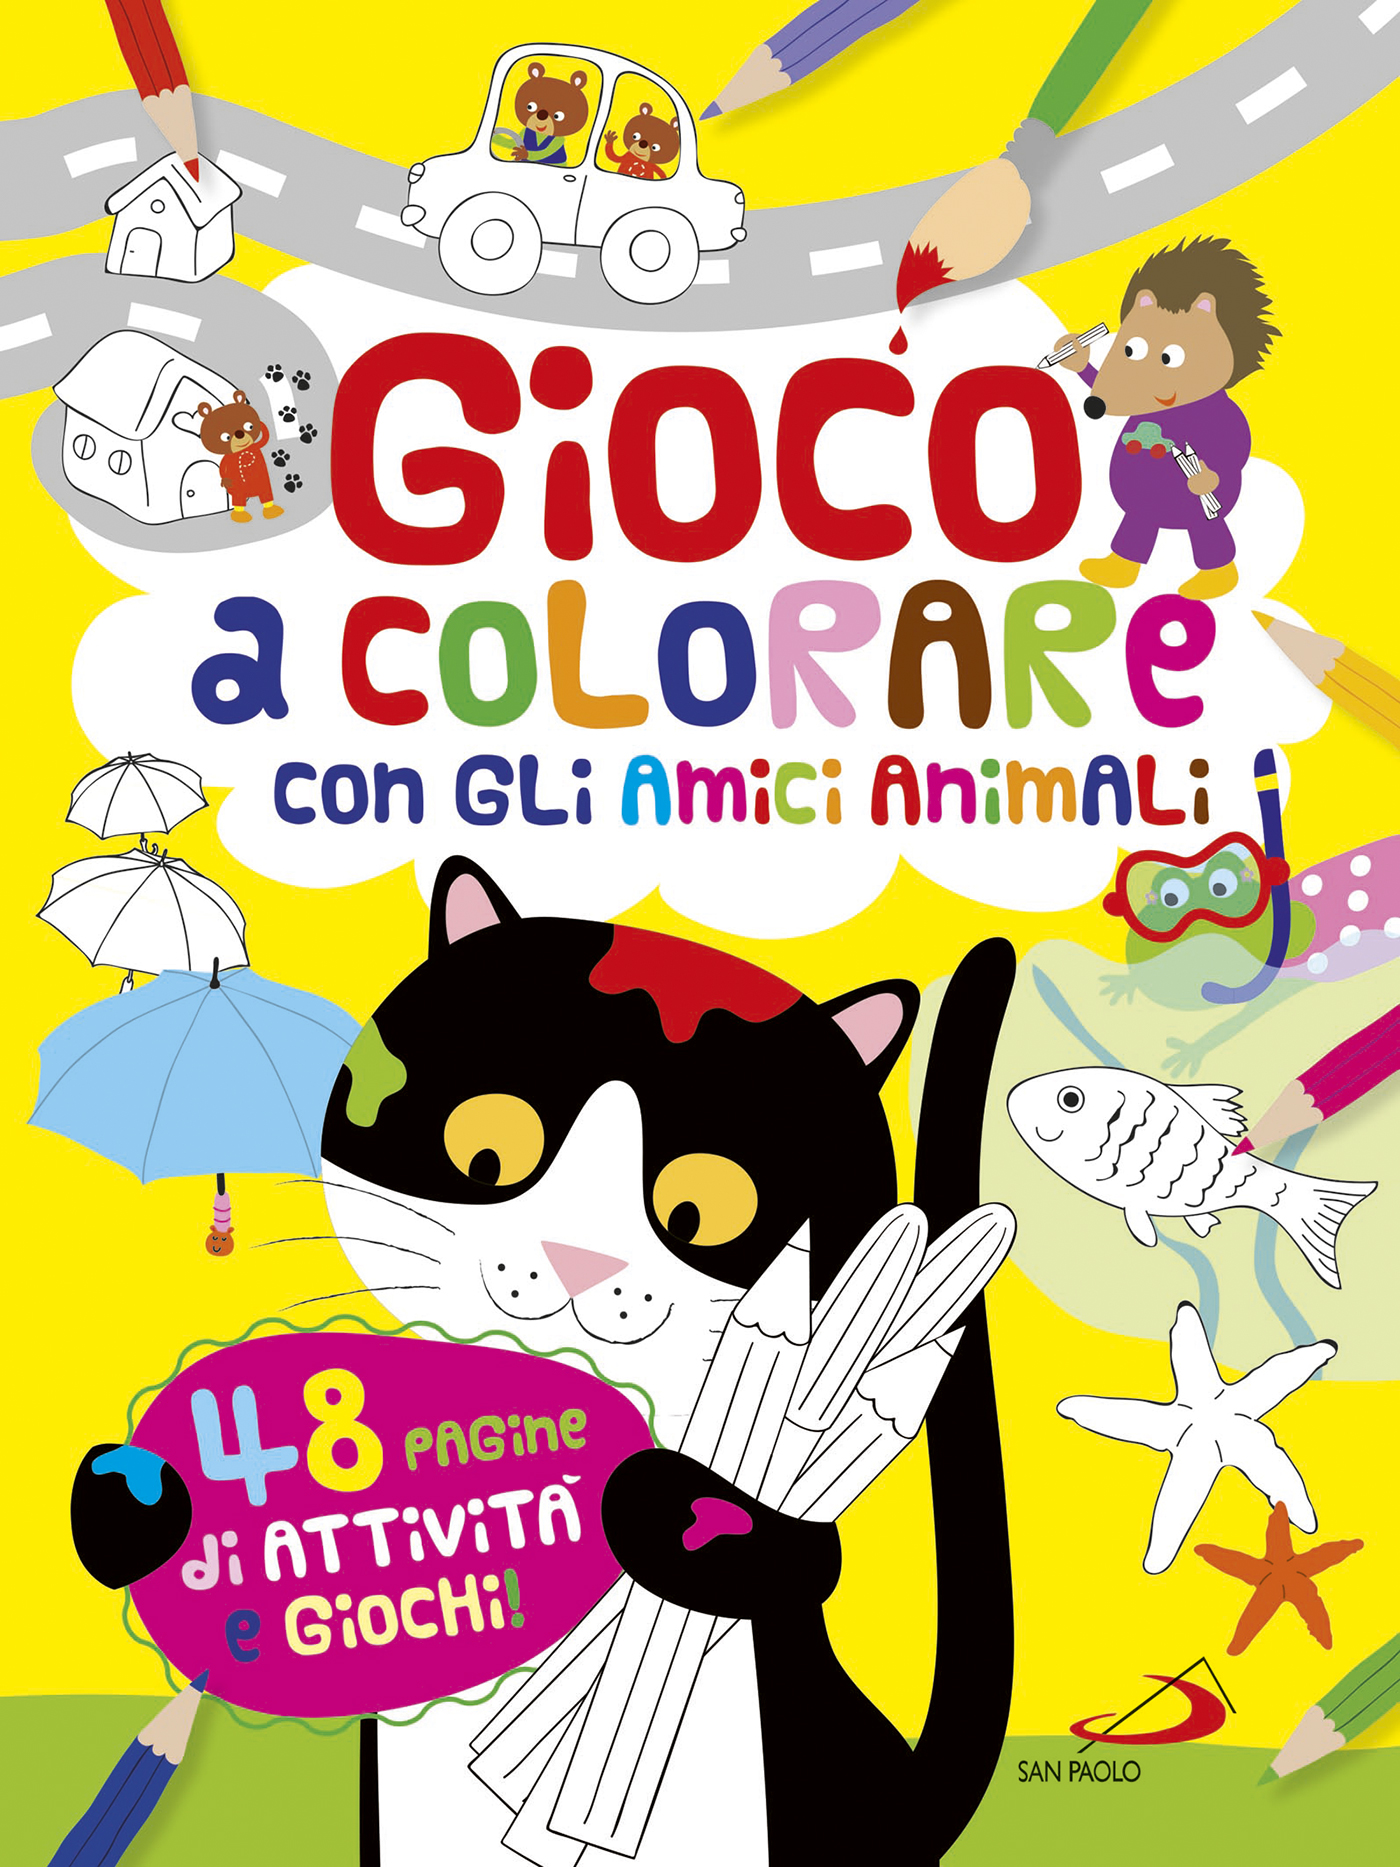 Gioco Per Colorare.Gioco A Colorare Con Tanti Animali Libro San Paolo Edizioni